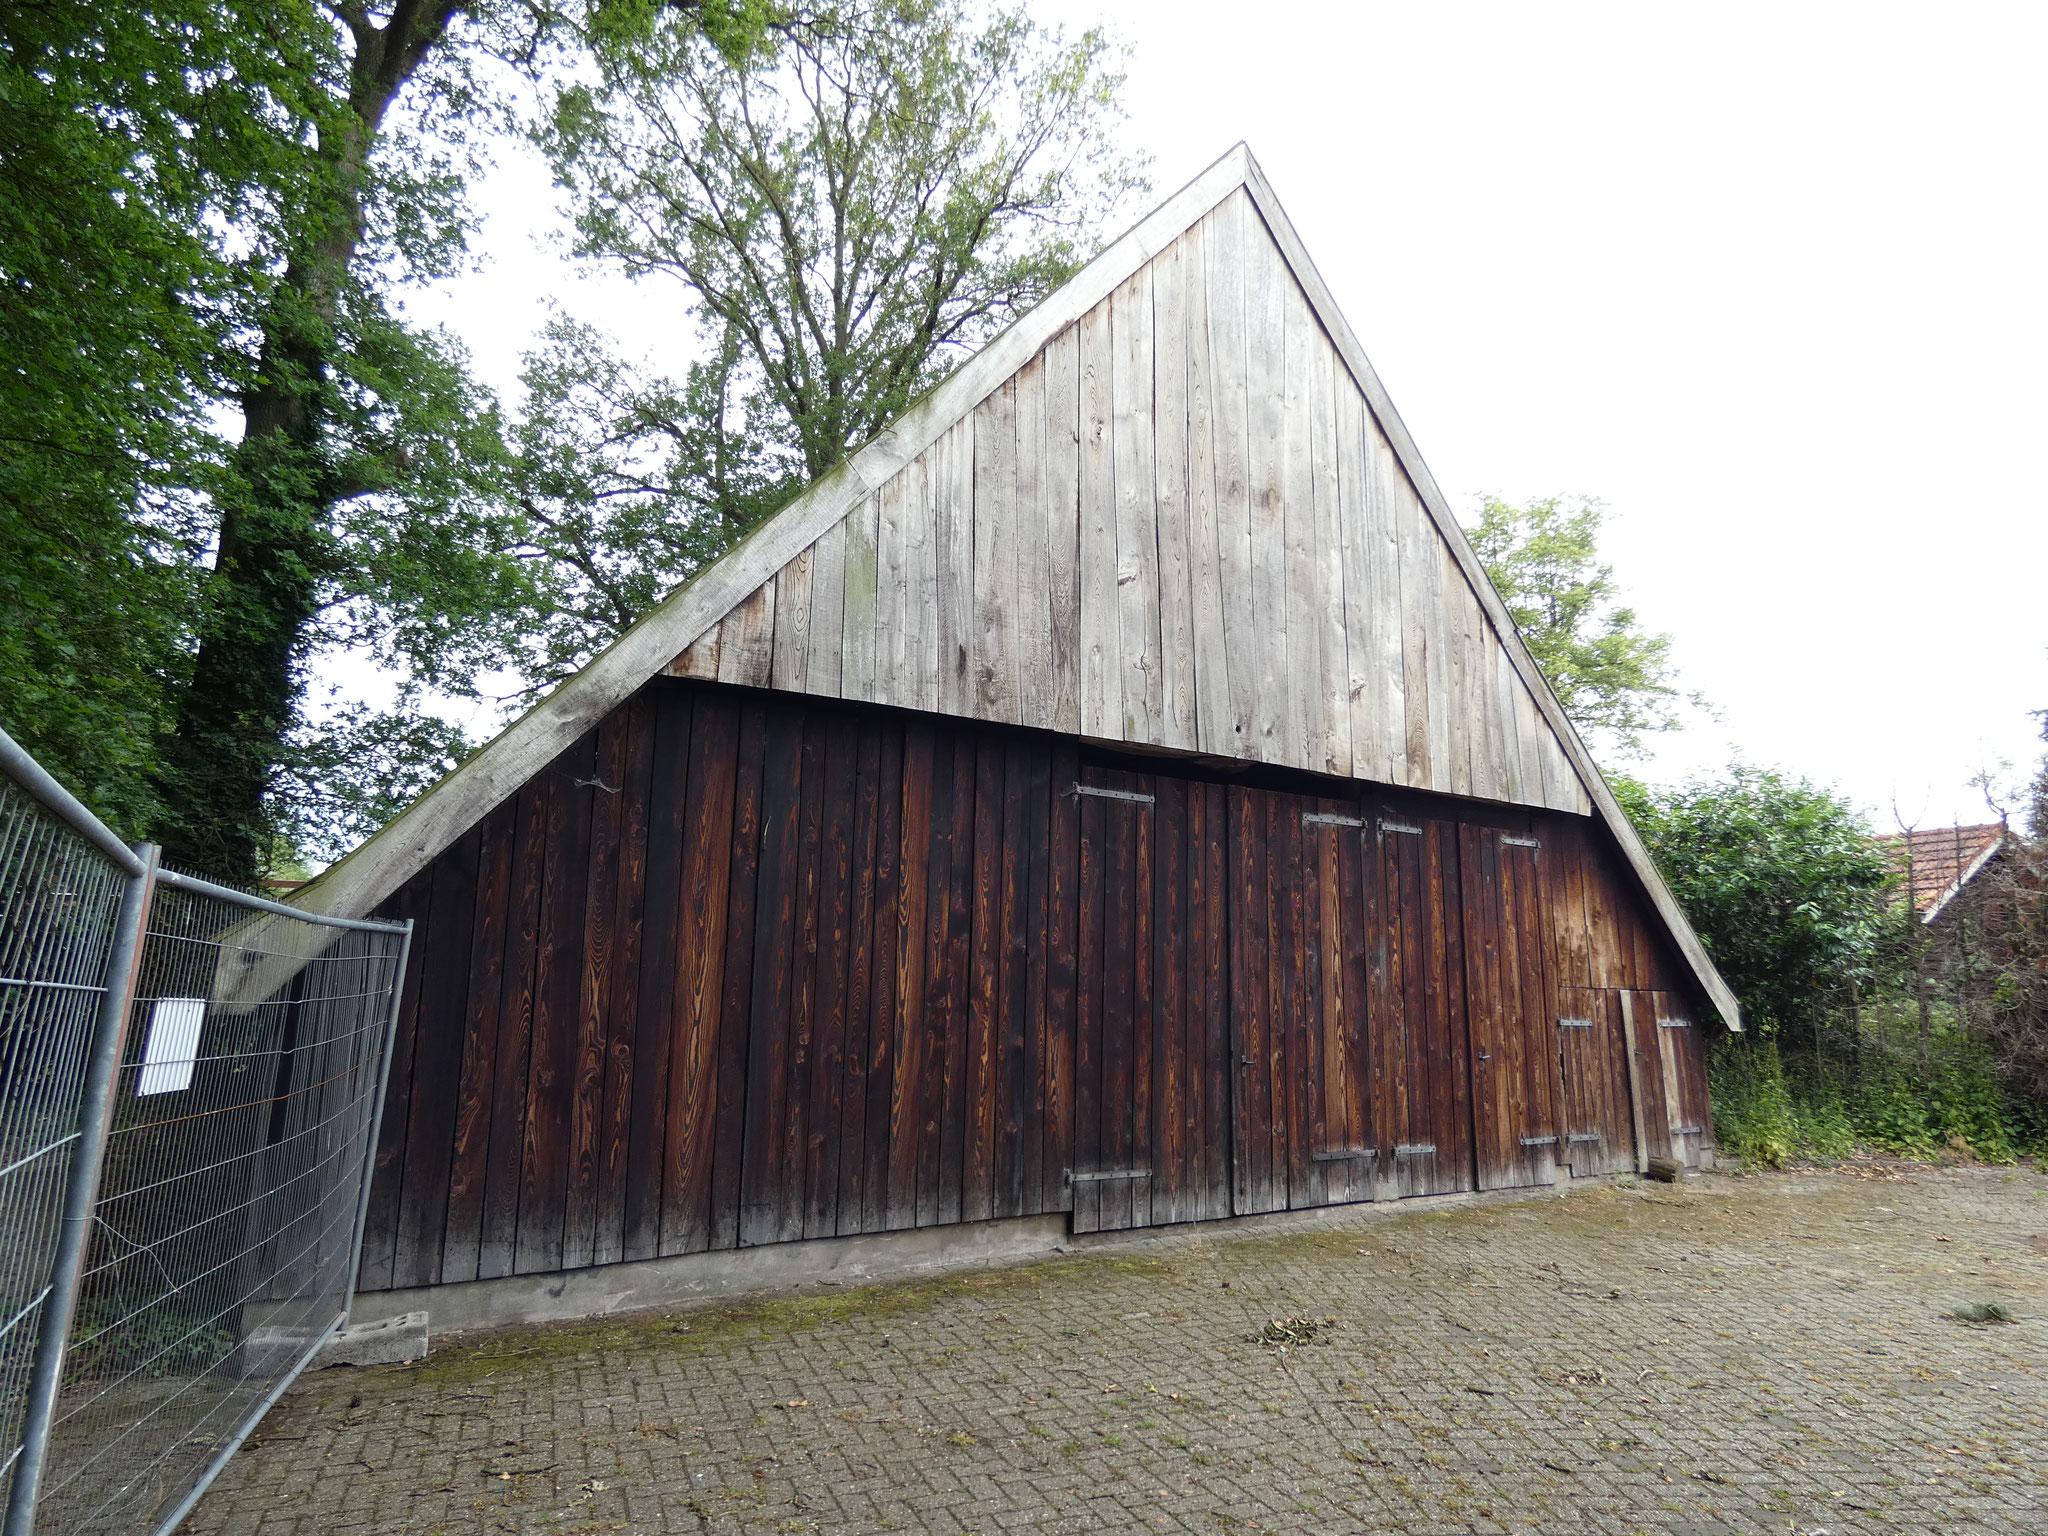 Zeventiende-eeuwse schuur en schuilkerk Erve De Haimer, Twekkelo